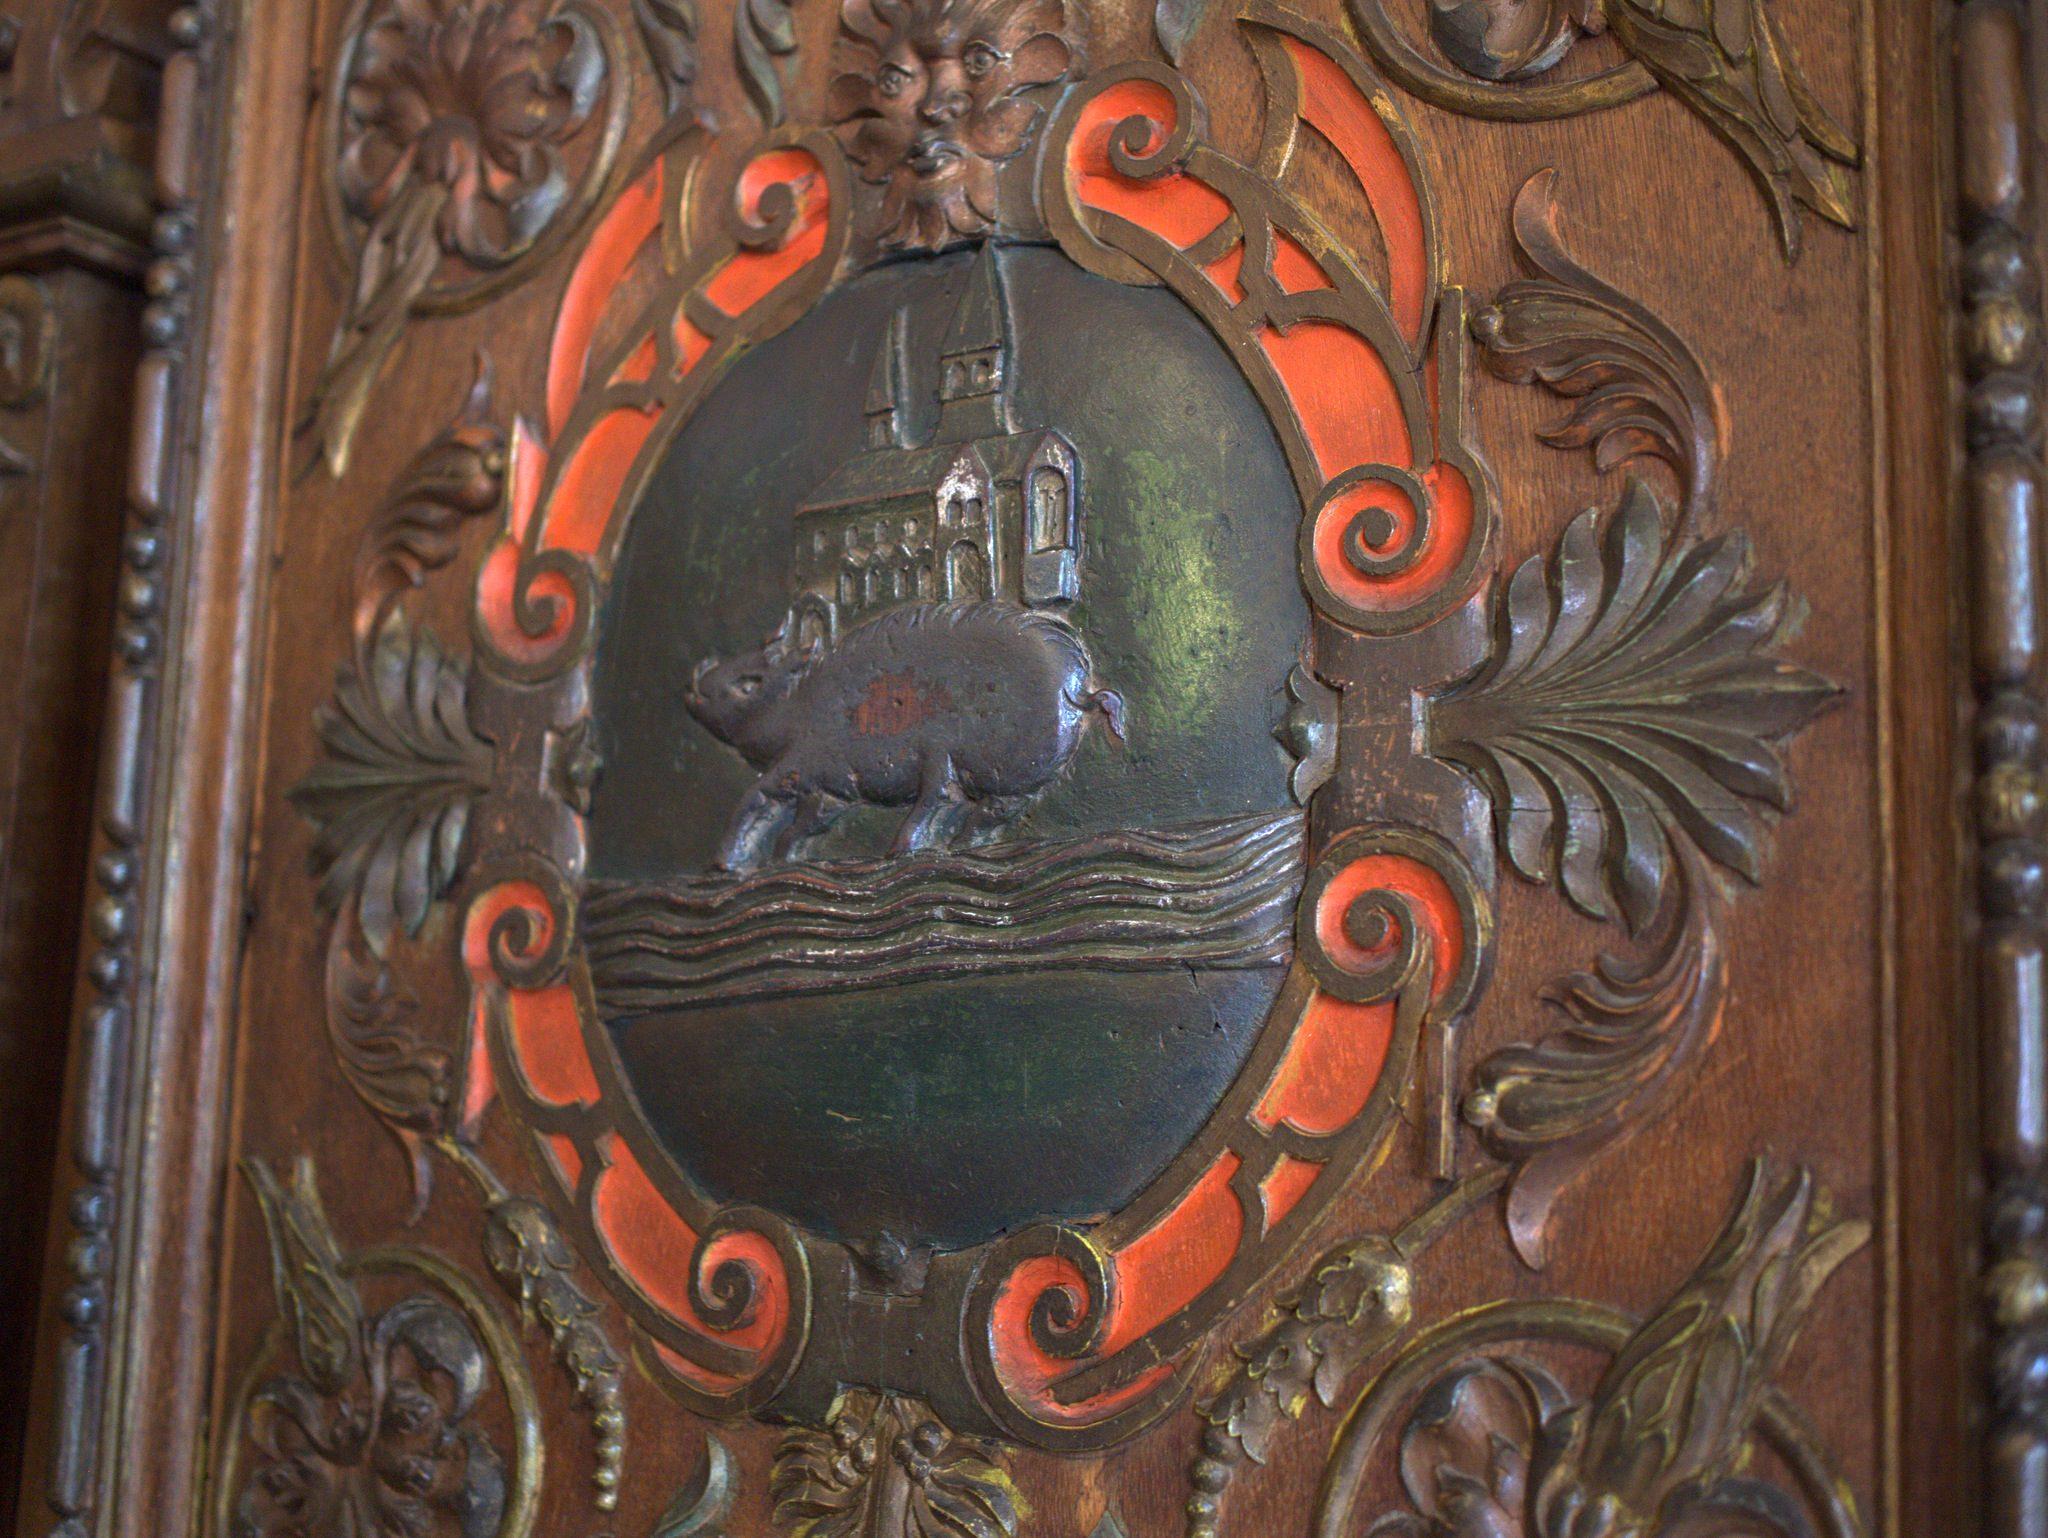 """Sprechendes Wappen: """"Kloster-auf-Eber-an-Bach"""" = Kloster Eberbach."""